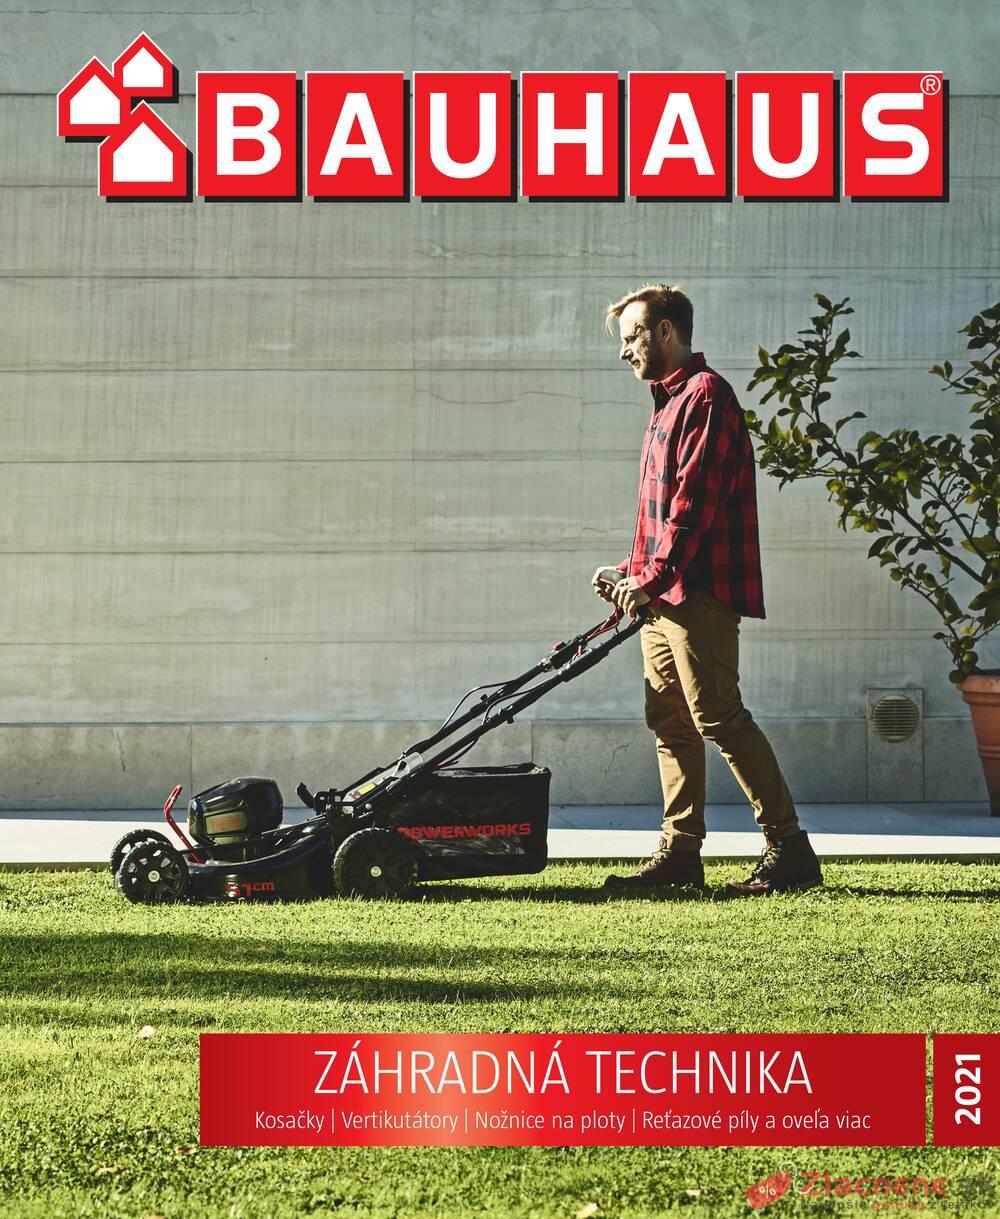 Leták Bauhaus - Bauhaus Zahradná technika 31.8. - strana 1